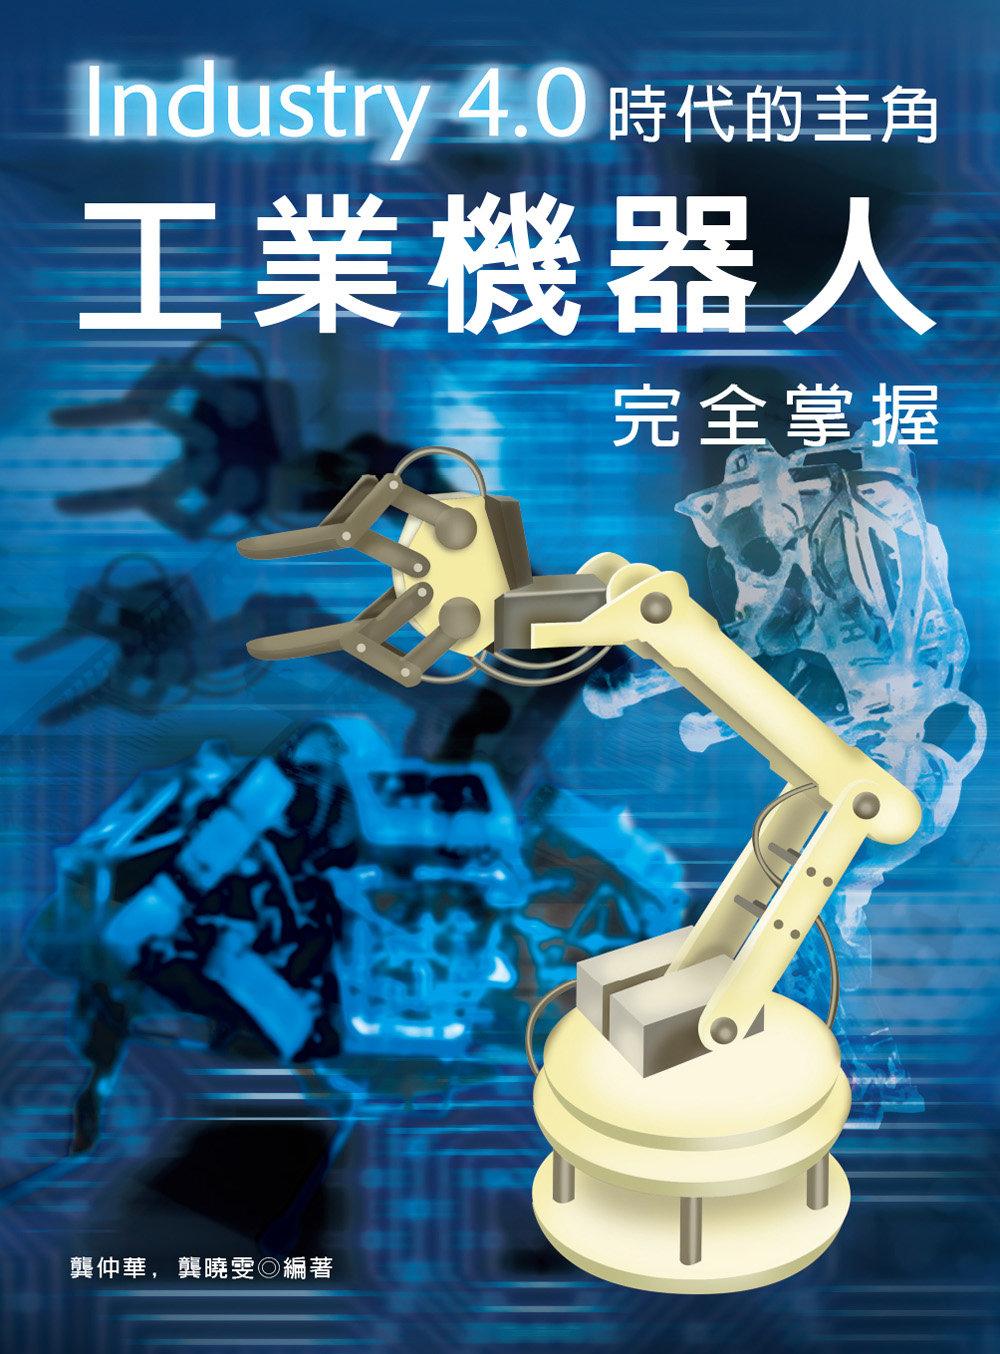 Industry4.0 時代的主角 : 工業機器人完全掌握 (舊名: 親手操作,控制及校調工業機器人)-preview-14